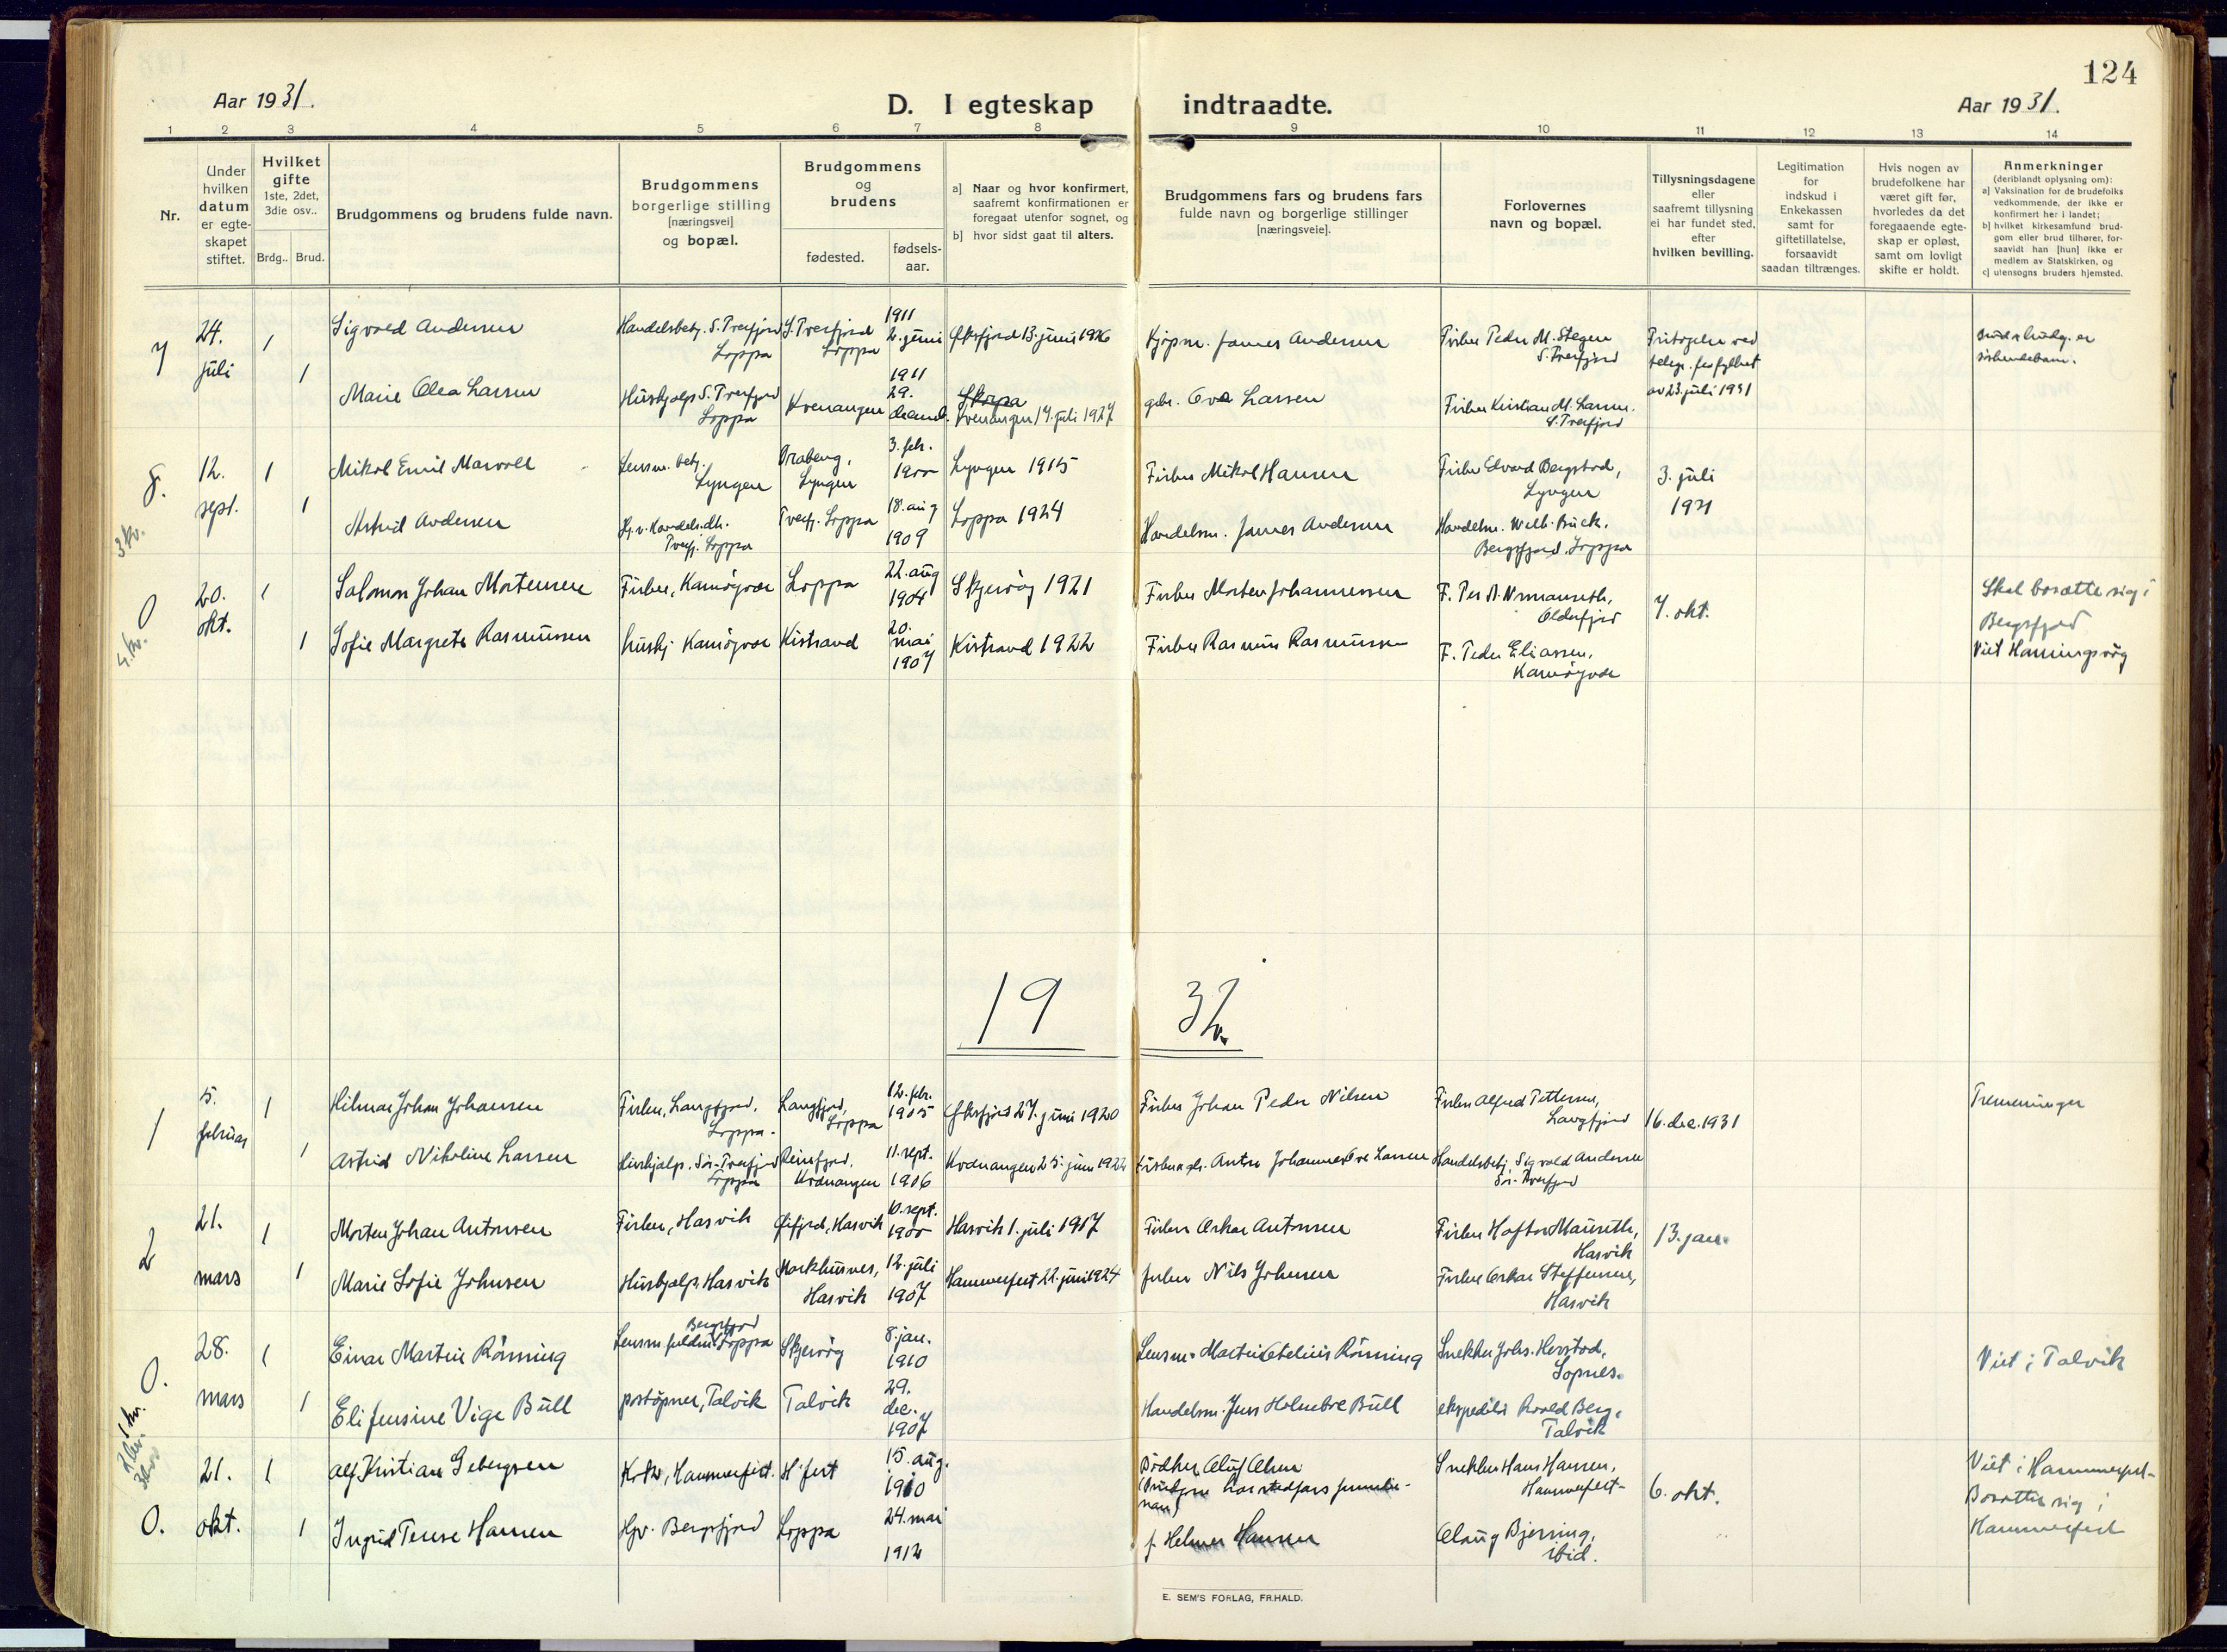 SATØ, Loppa sokneprestkontor, H/Ha/L0013kirke: Ministerialbok nr. 13, 1920-1932, s. 124